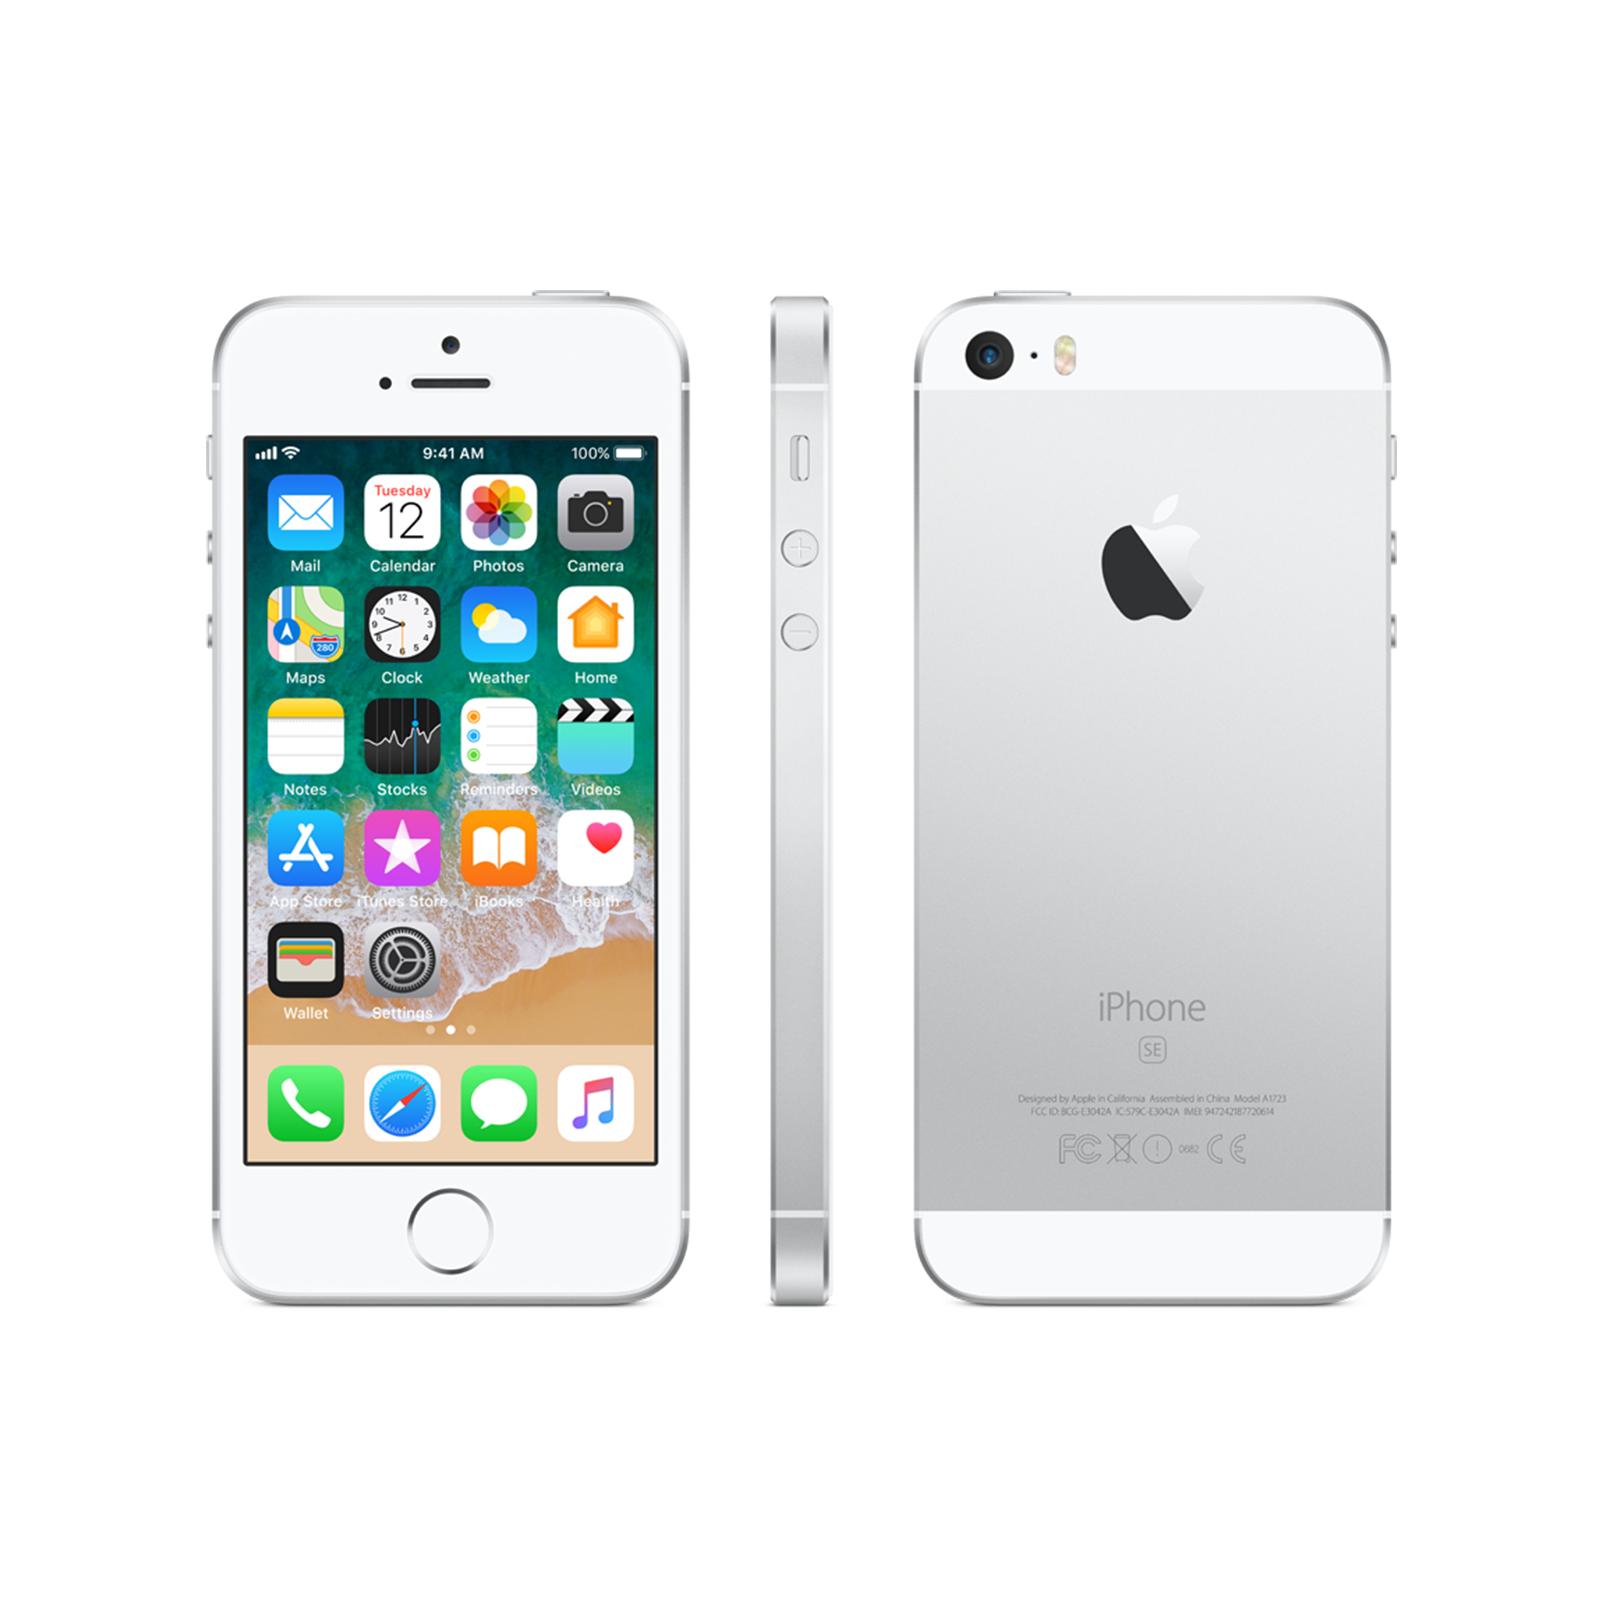 iphone se 16 gb silver apple bazar. Black Bedroom Furniture Sets. Home Design Ideas